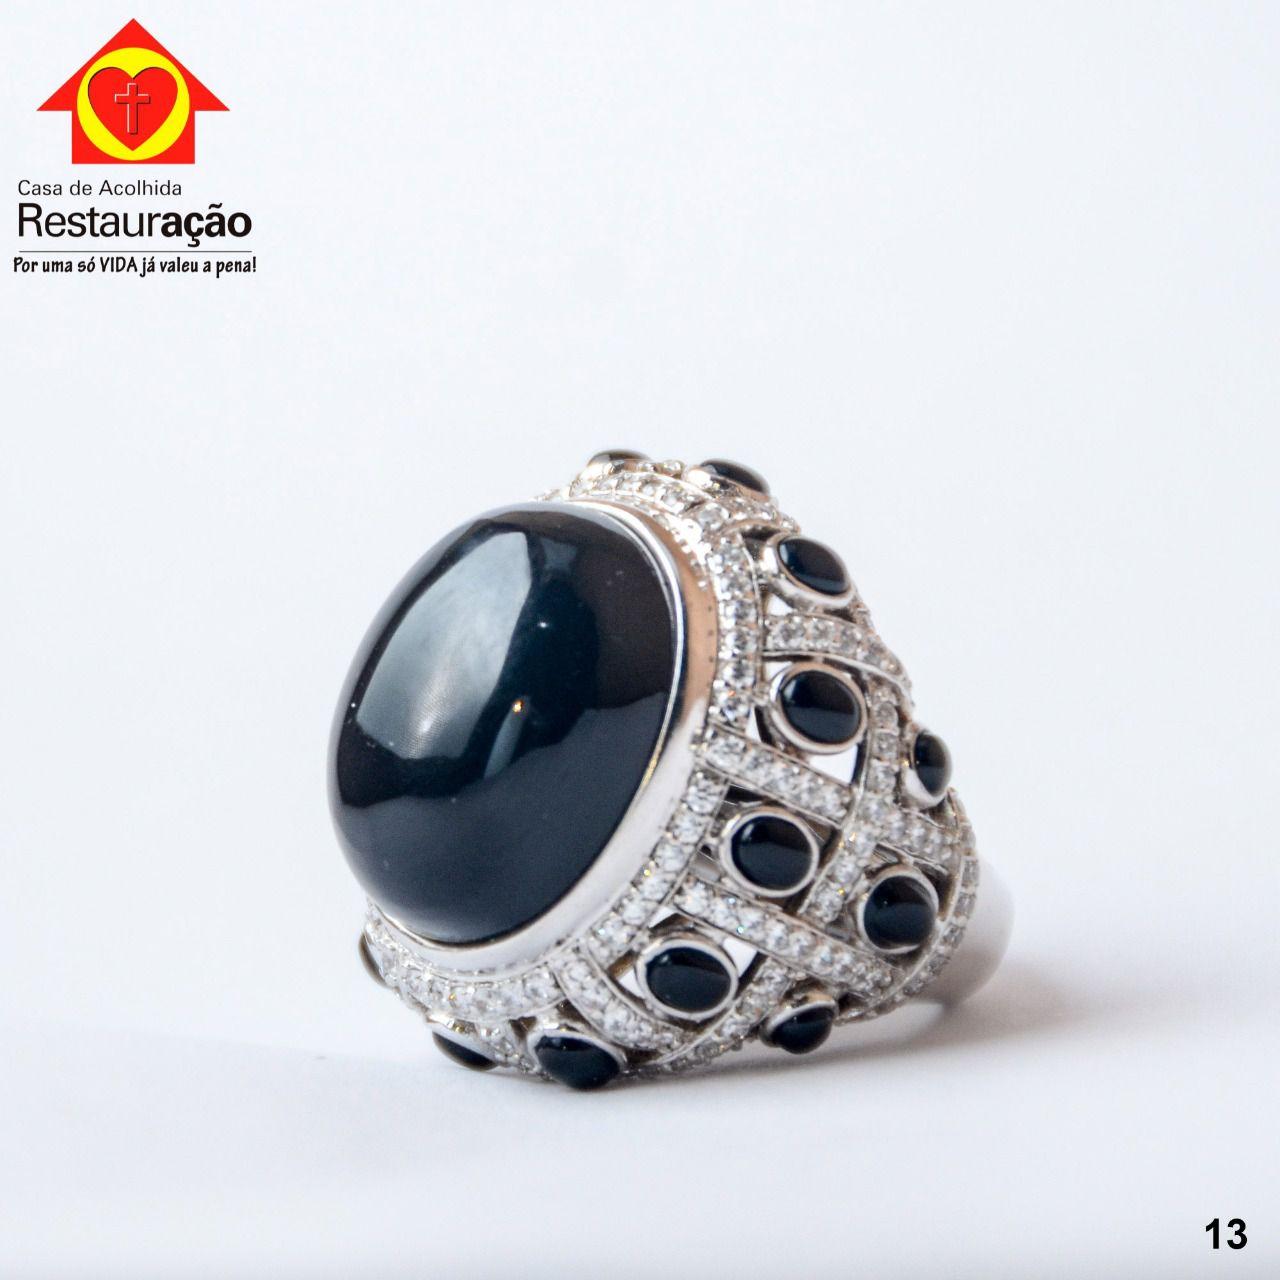 Anel Prata com Pedras Pretas